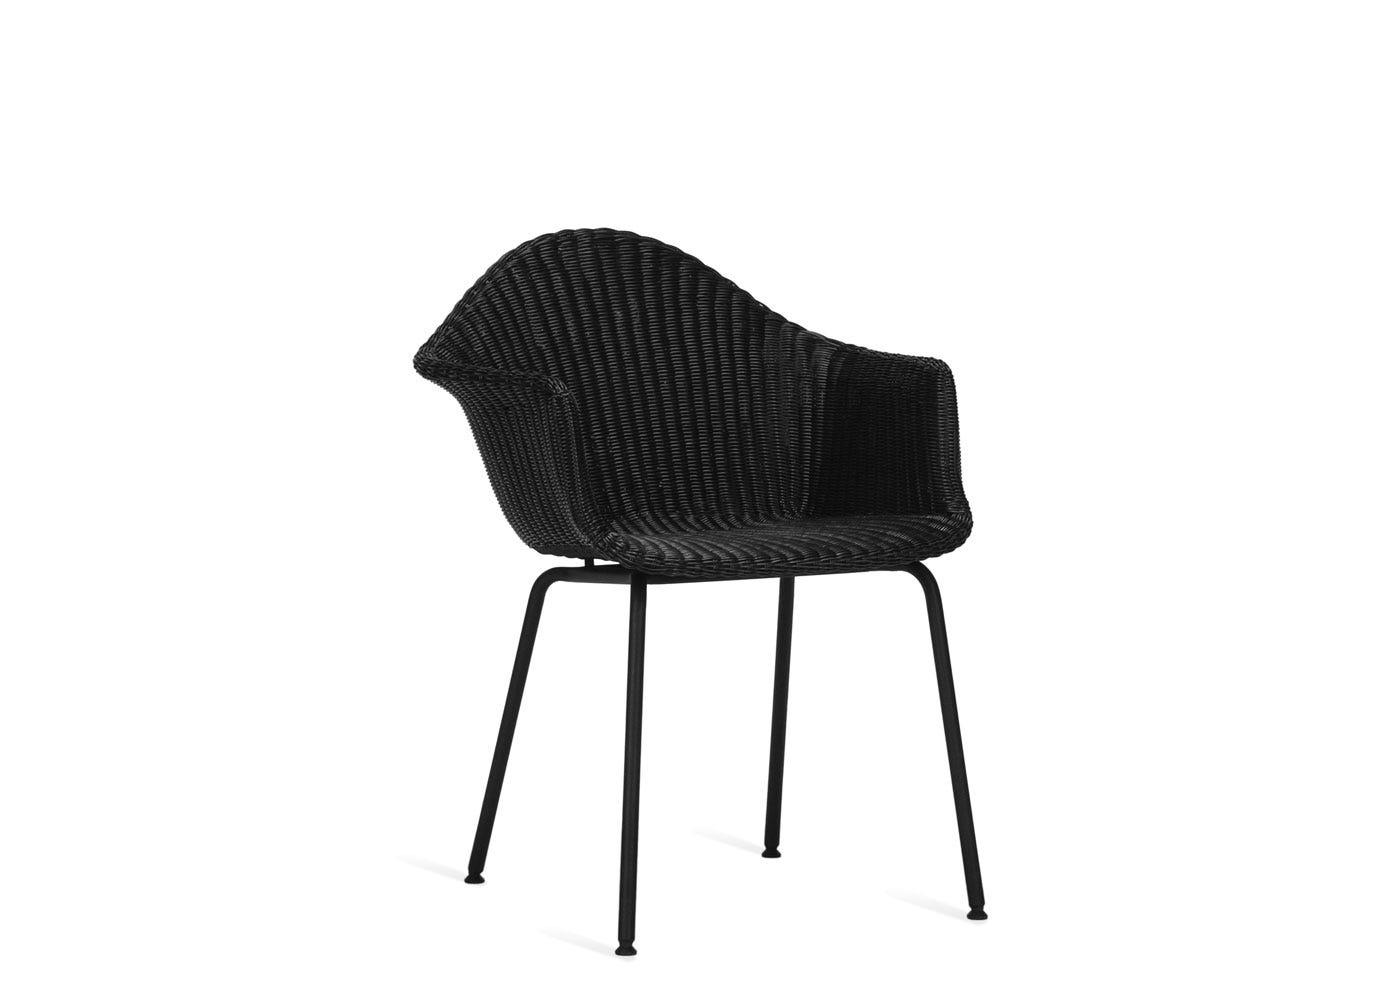 As shown: Finn dining chair in black.